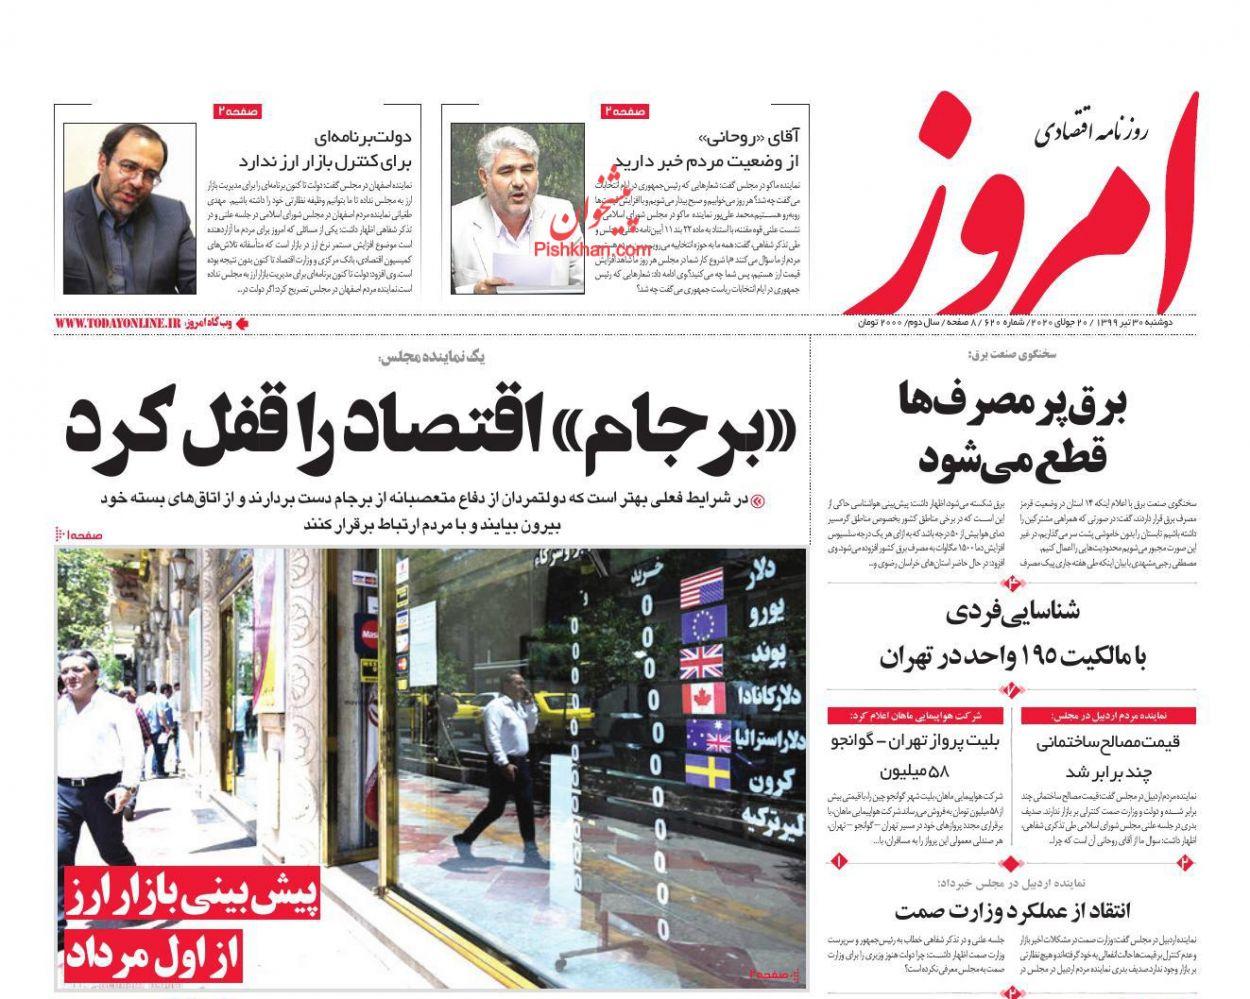 عناوین اخبار روزنامه امروز در روز دوشنبه ۳۰ تیر